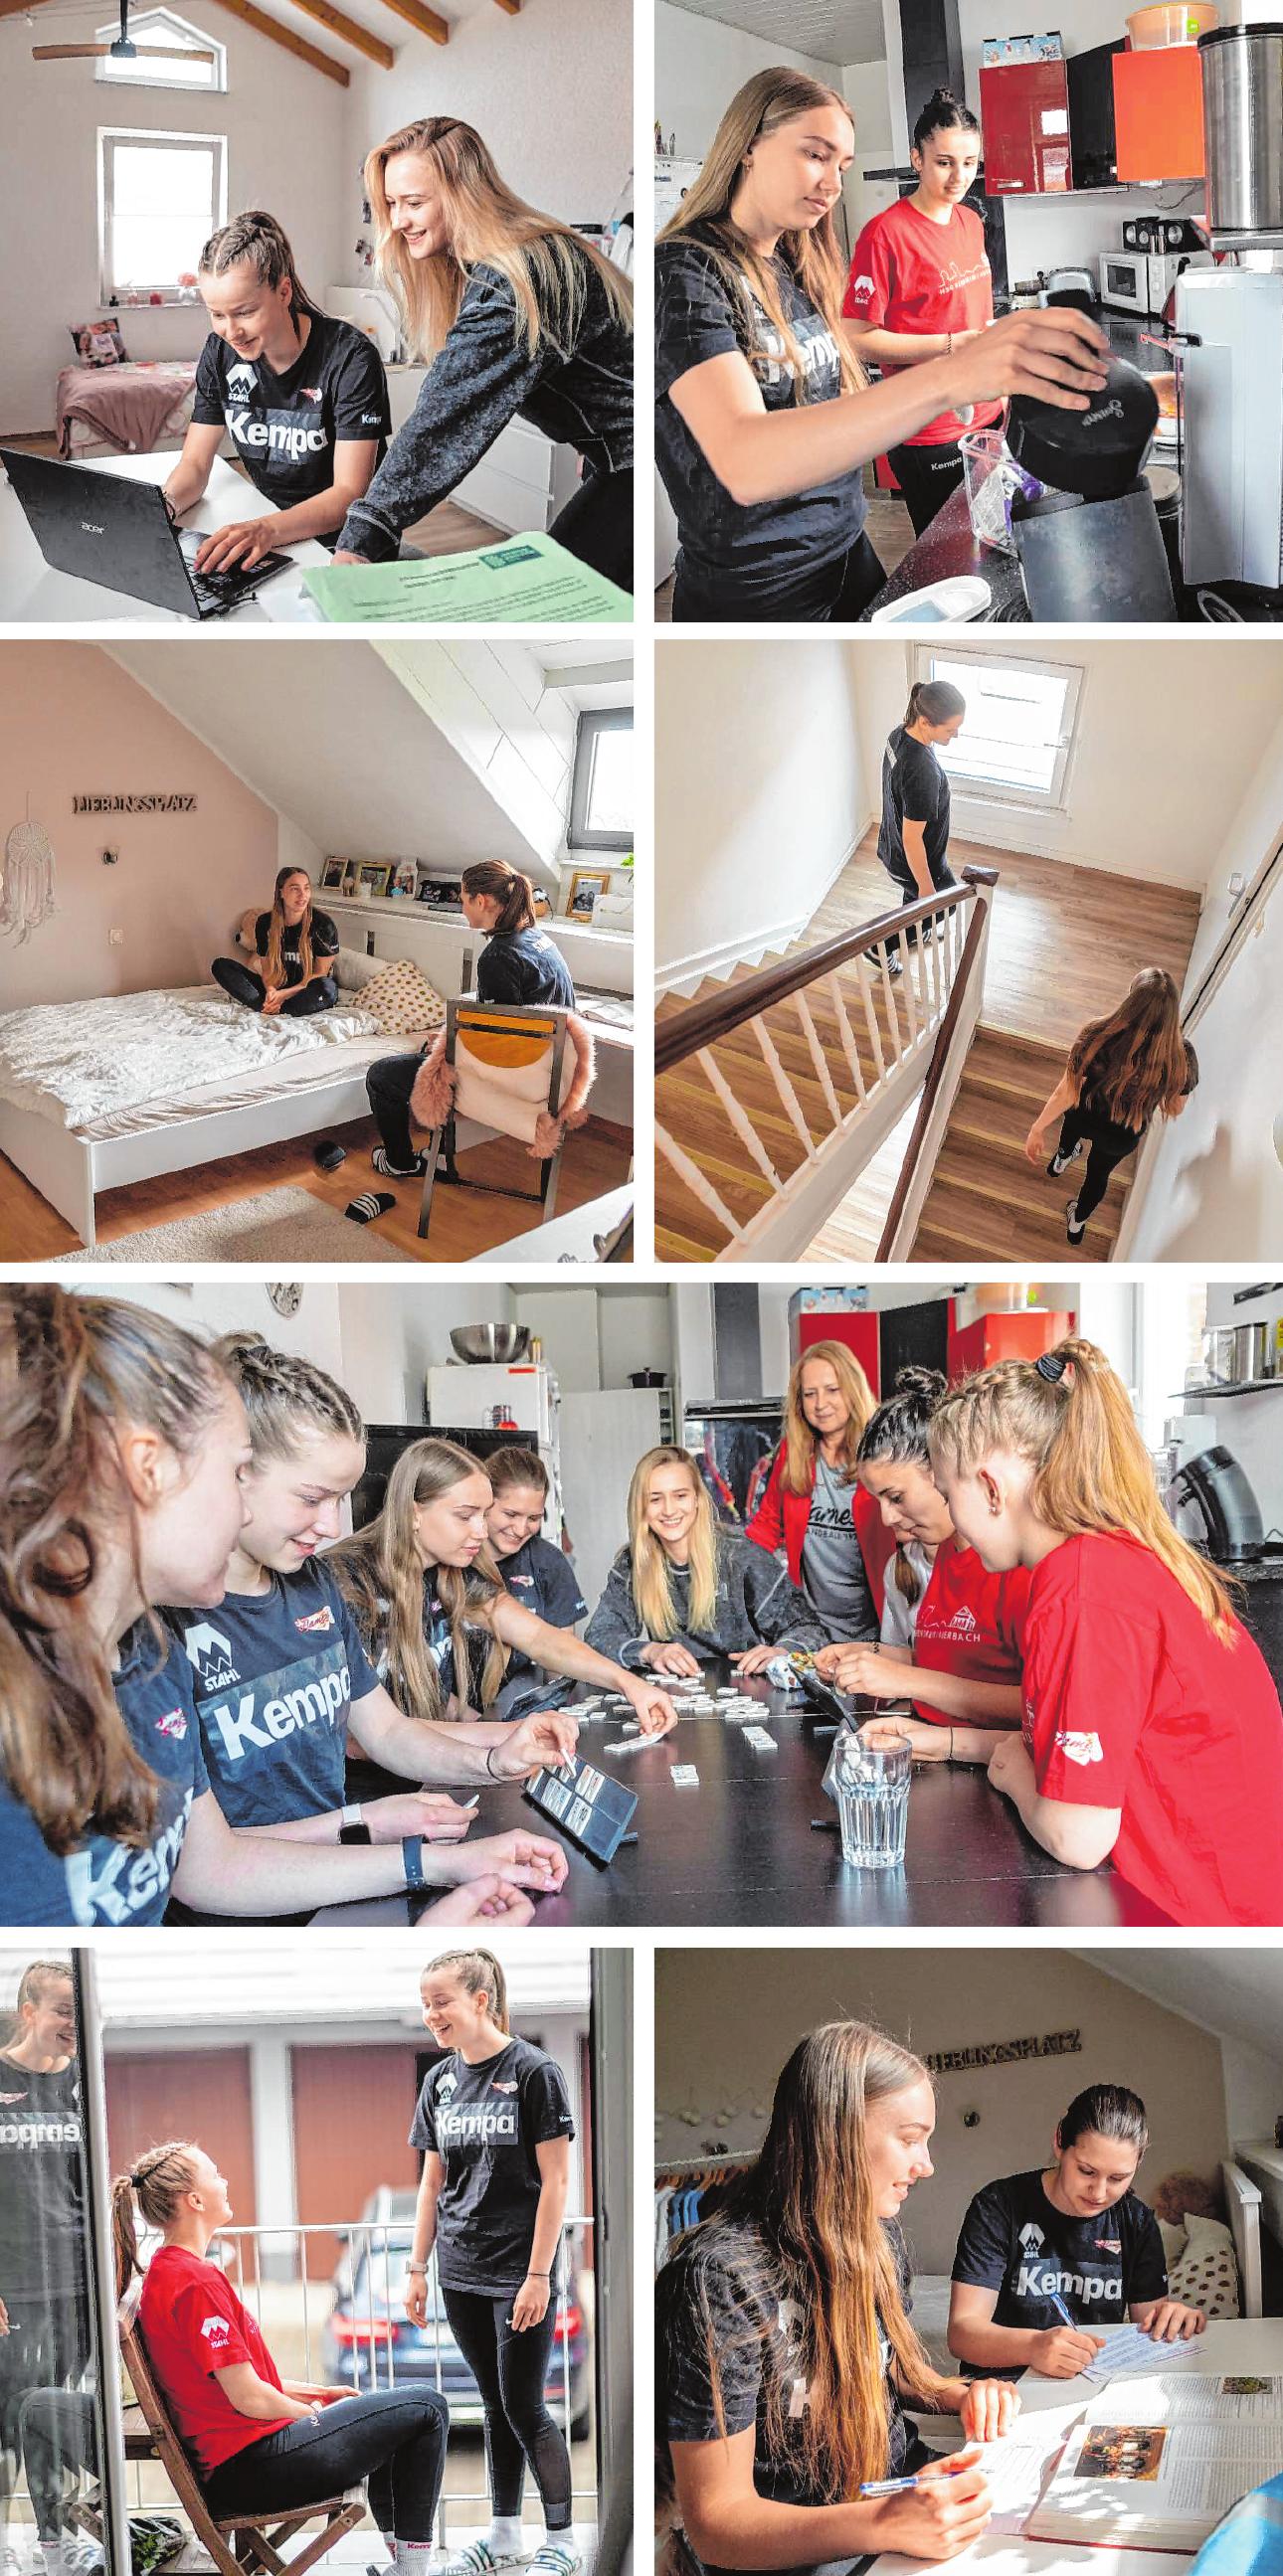 Gute Gemeinschaft: In der Handball-WG wird viel geredet, gemeinsam gekocht, gelernt und gespielt. Und natürlich auch viel gelacht. Bilder: Thomas Neu